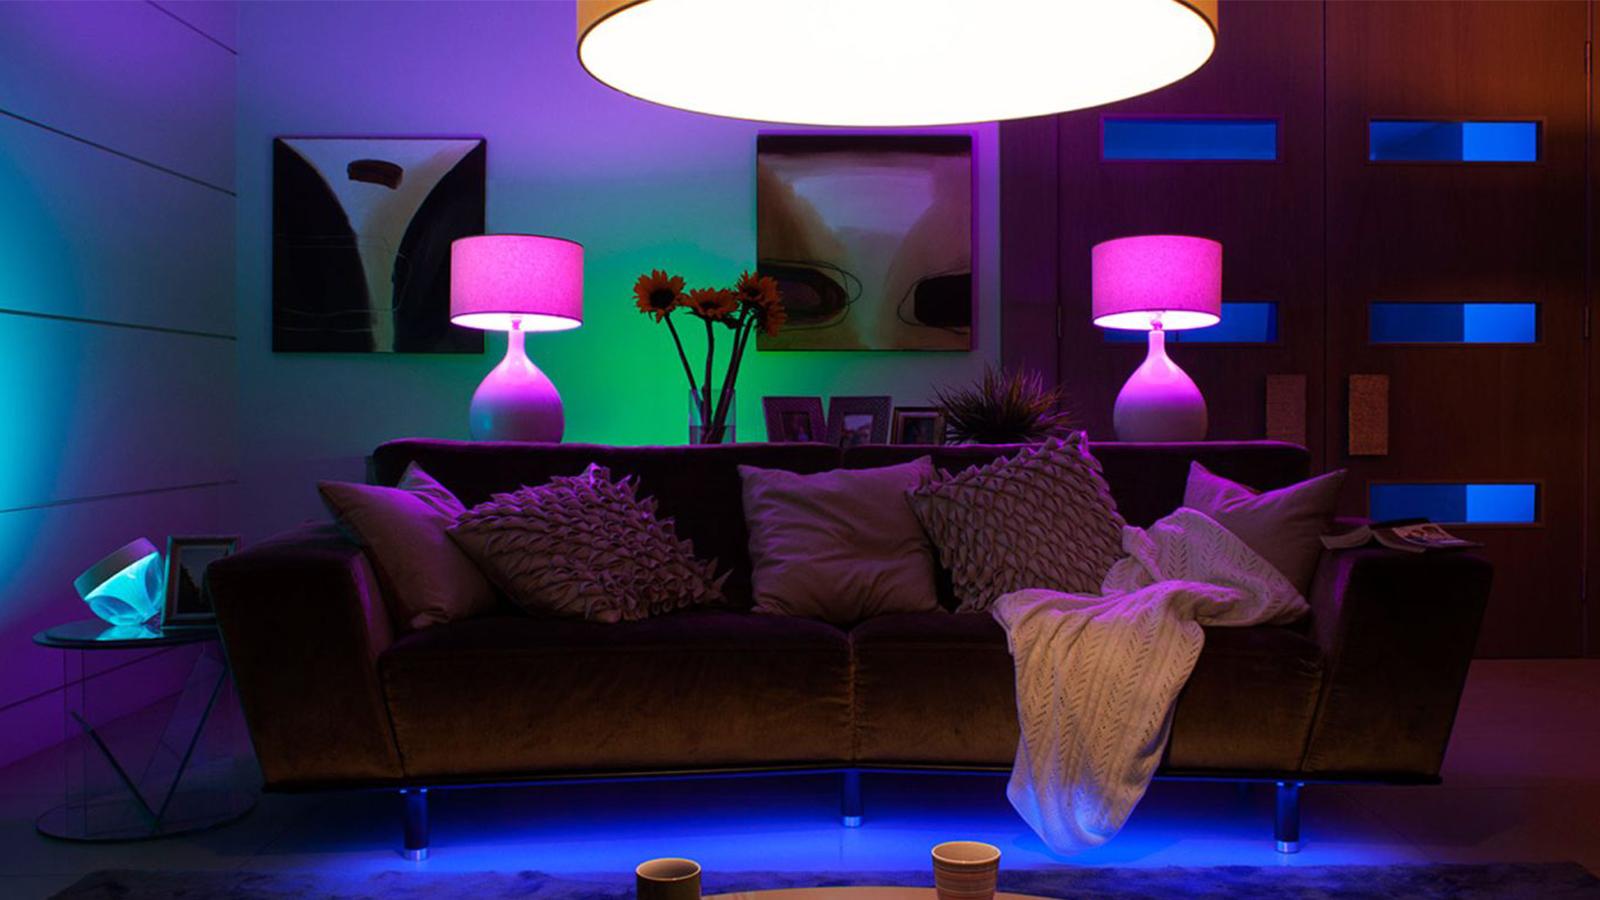 Sistema de iluminación Philips Hue